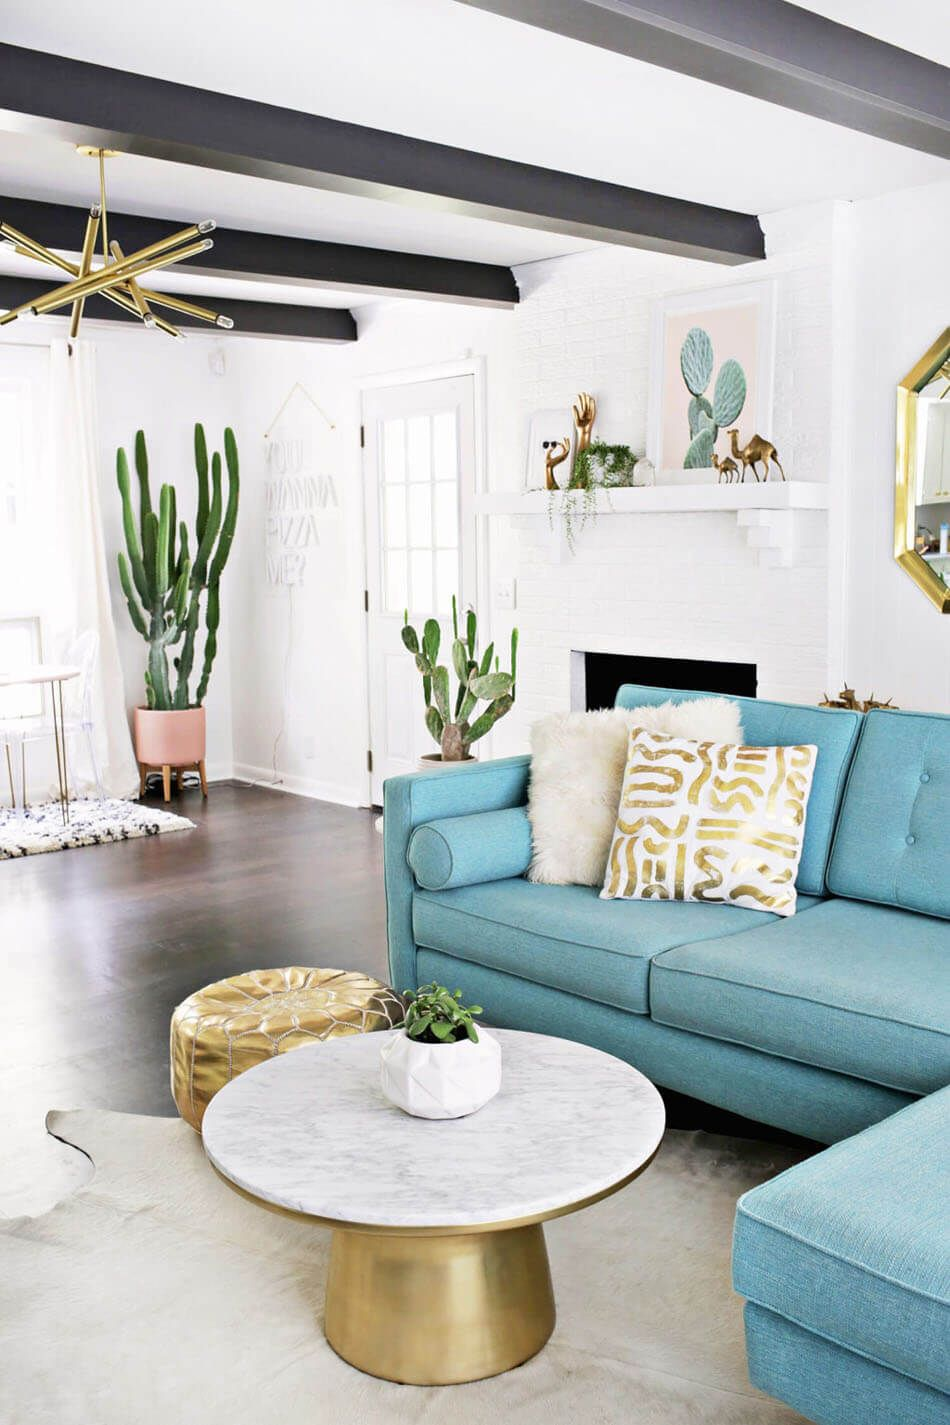 Déco cactus : une tendance sympa pour nos maisons | Interiors ...